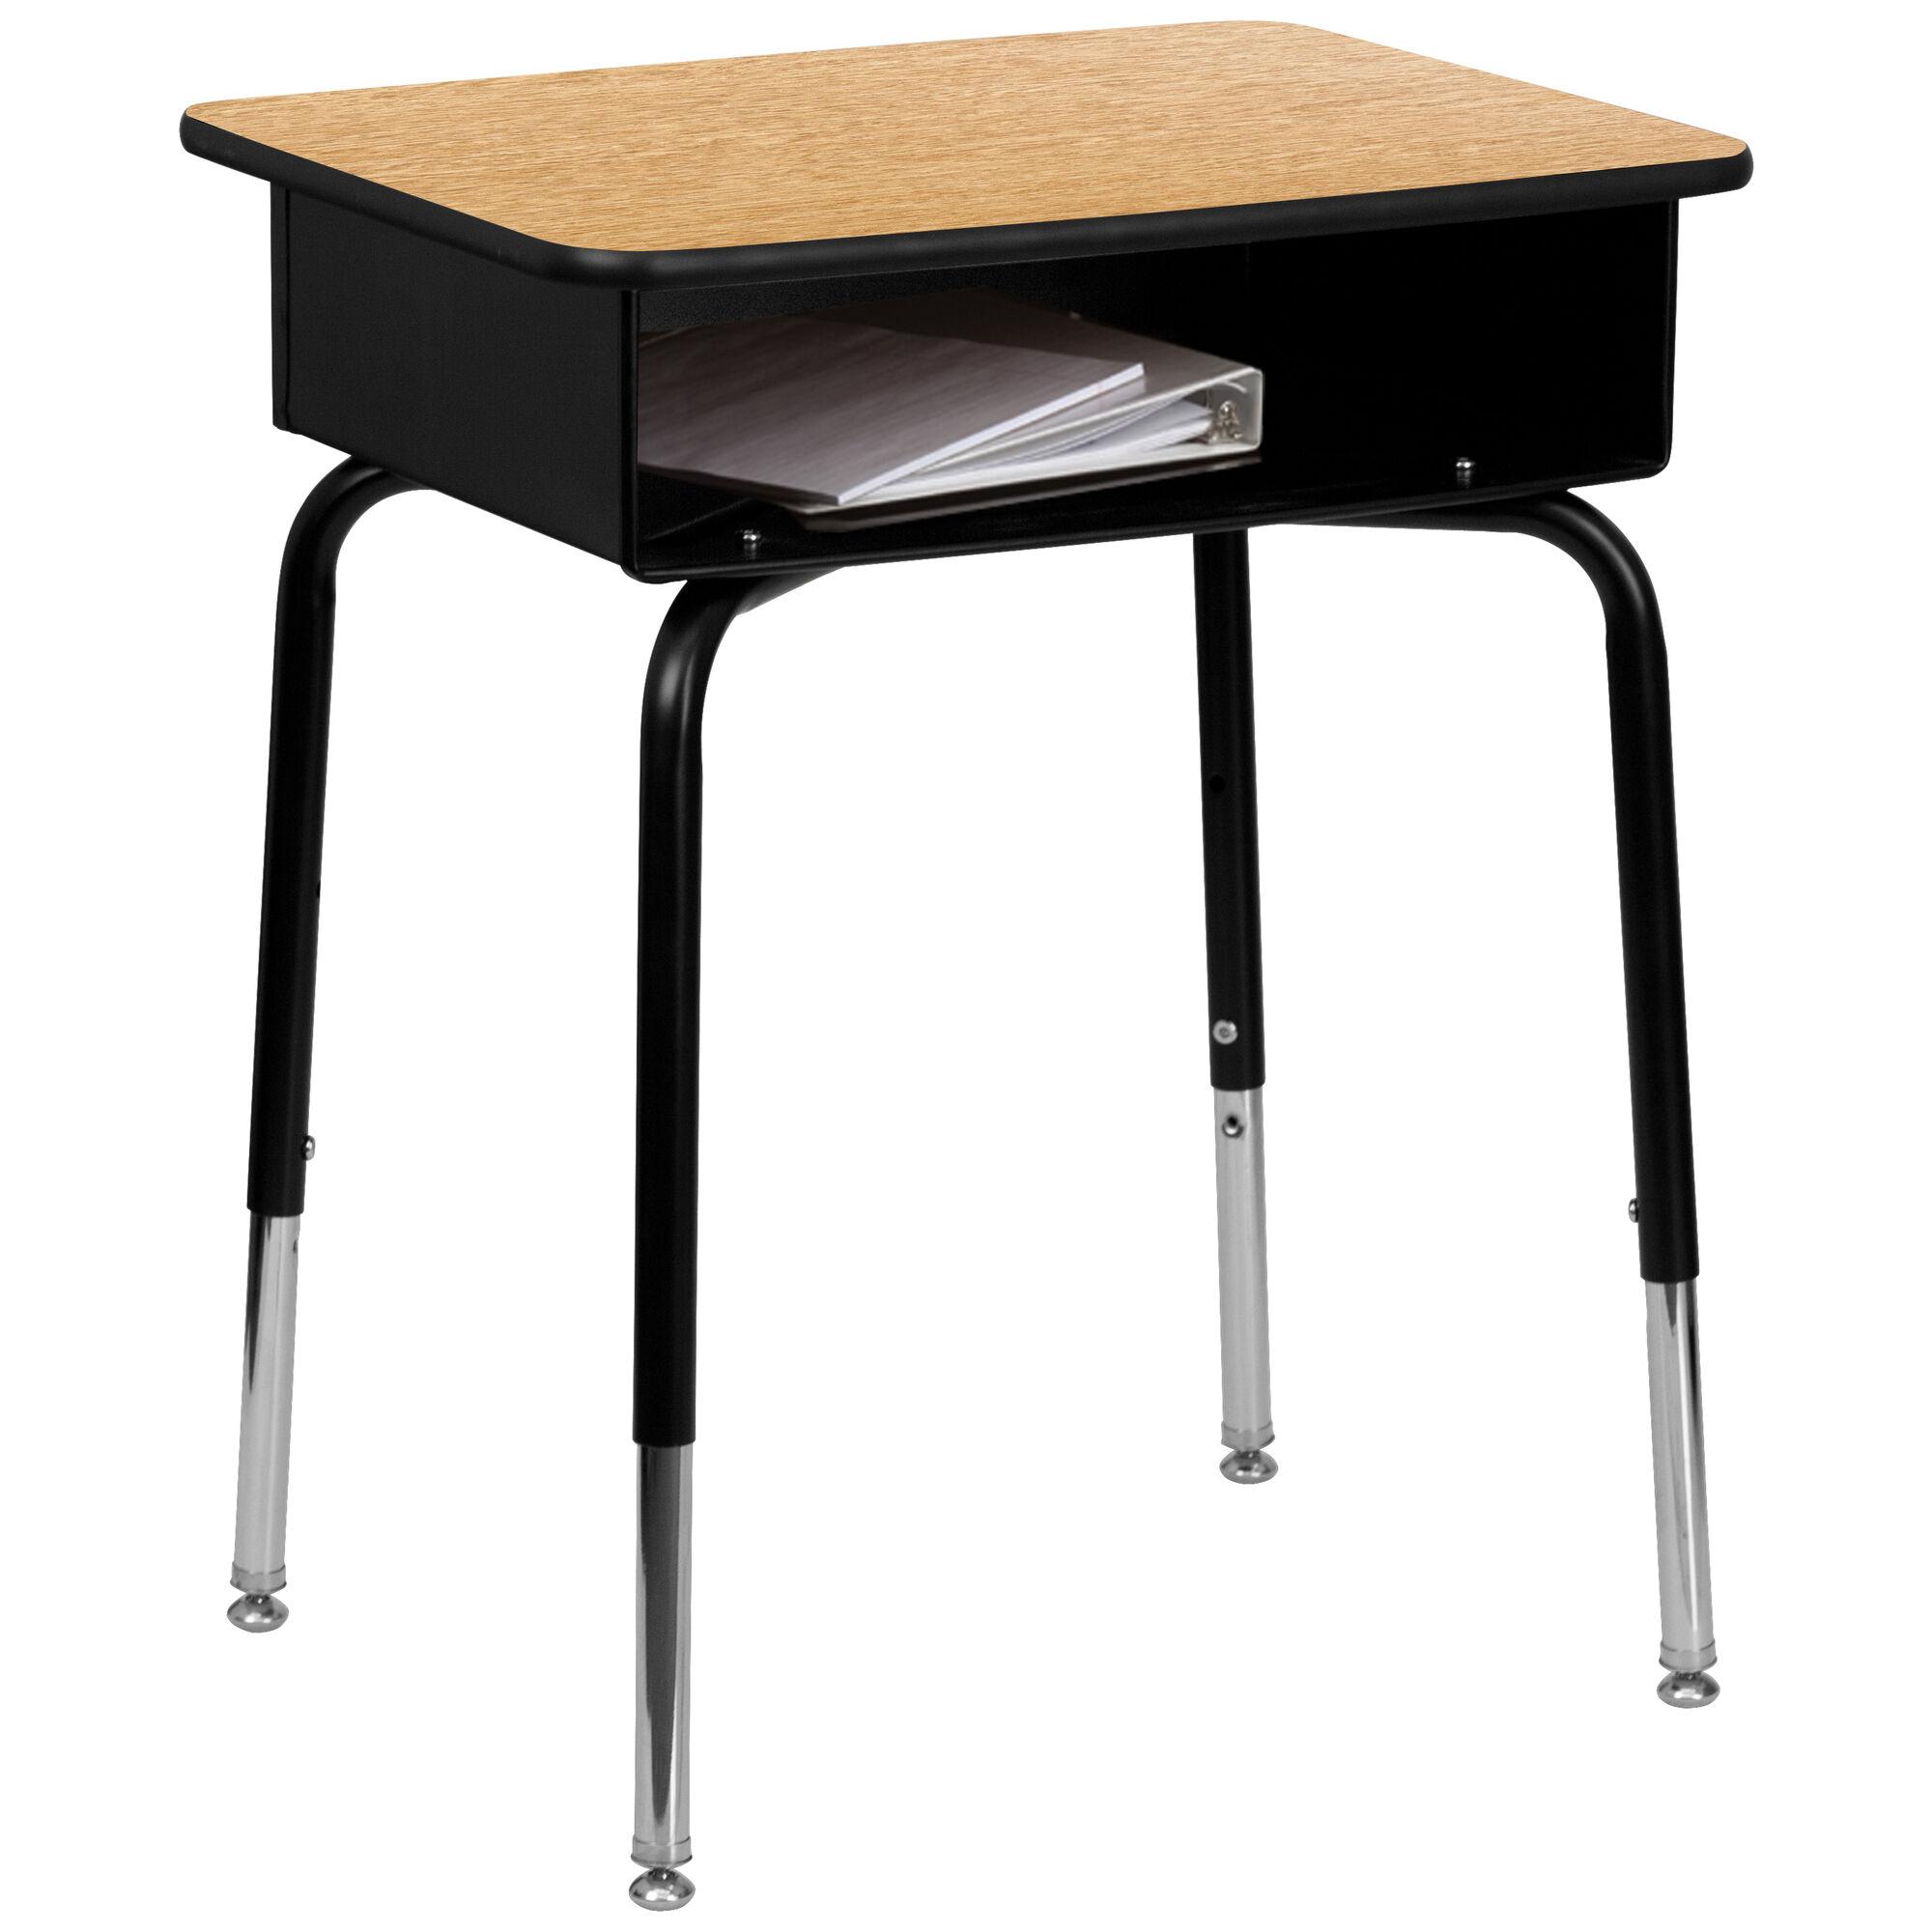 Natural Open Front Desk FD-DESK-GG   SchoolFurniture4Less.com